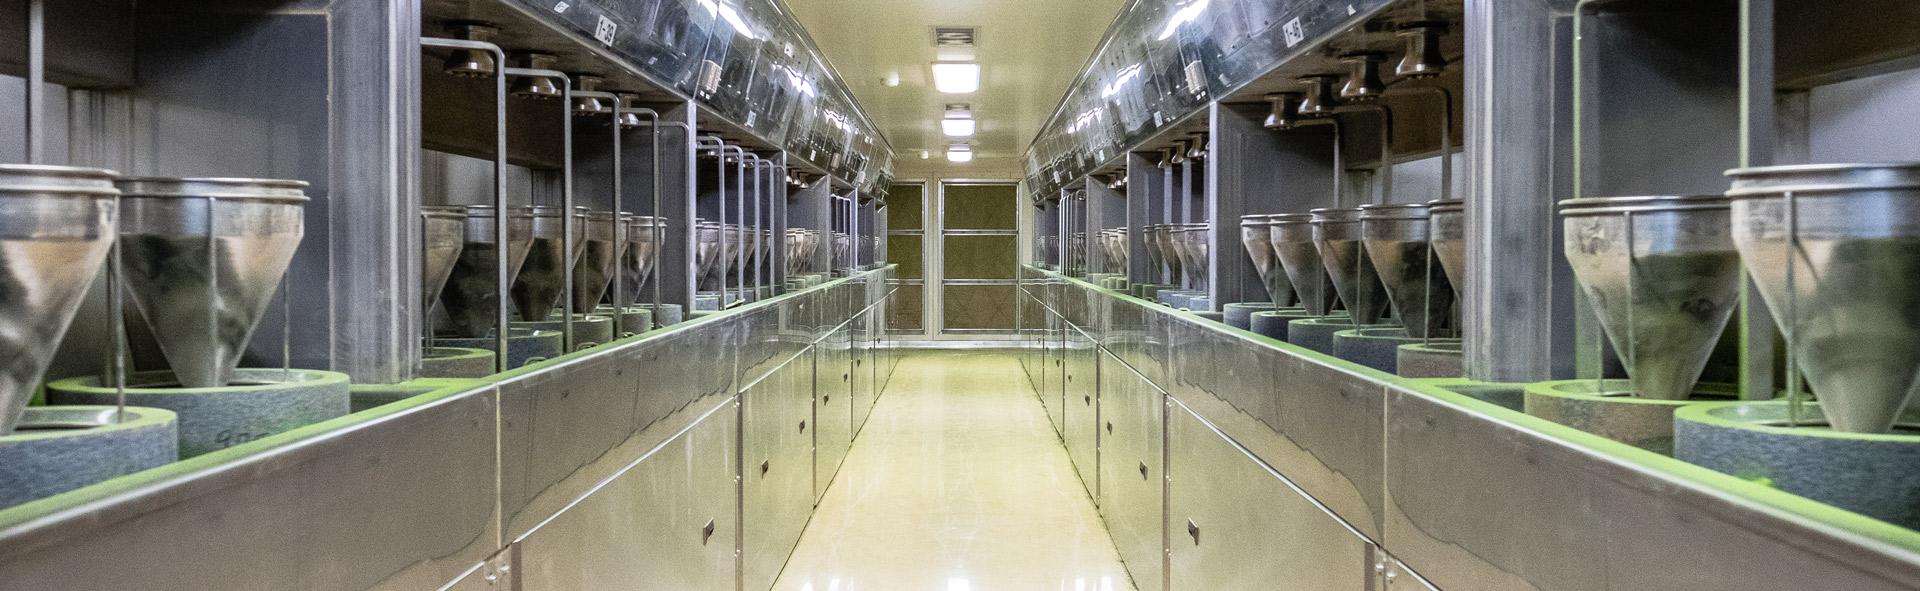 Header Image: Grinding machines at Aiya's processing facility in Nishio, Japan